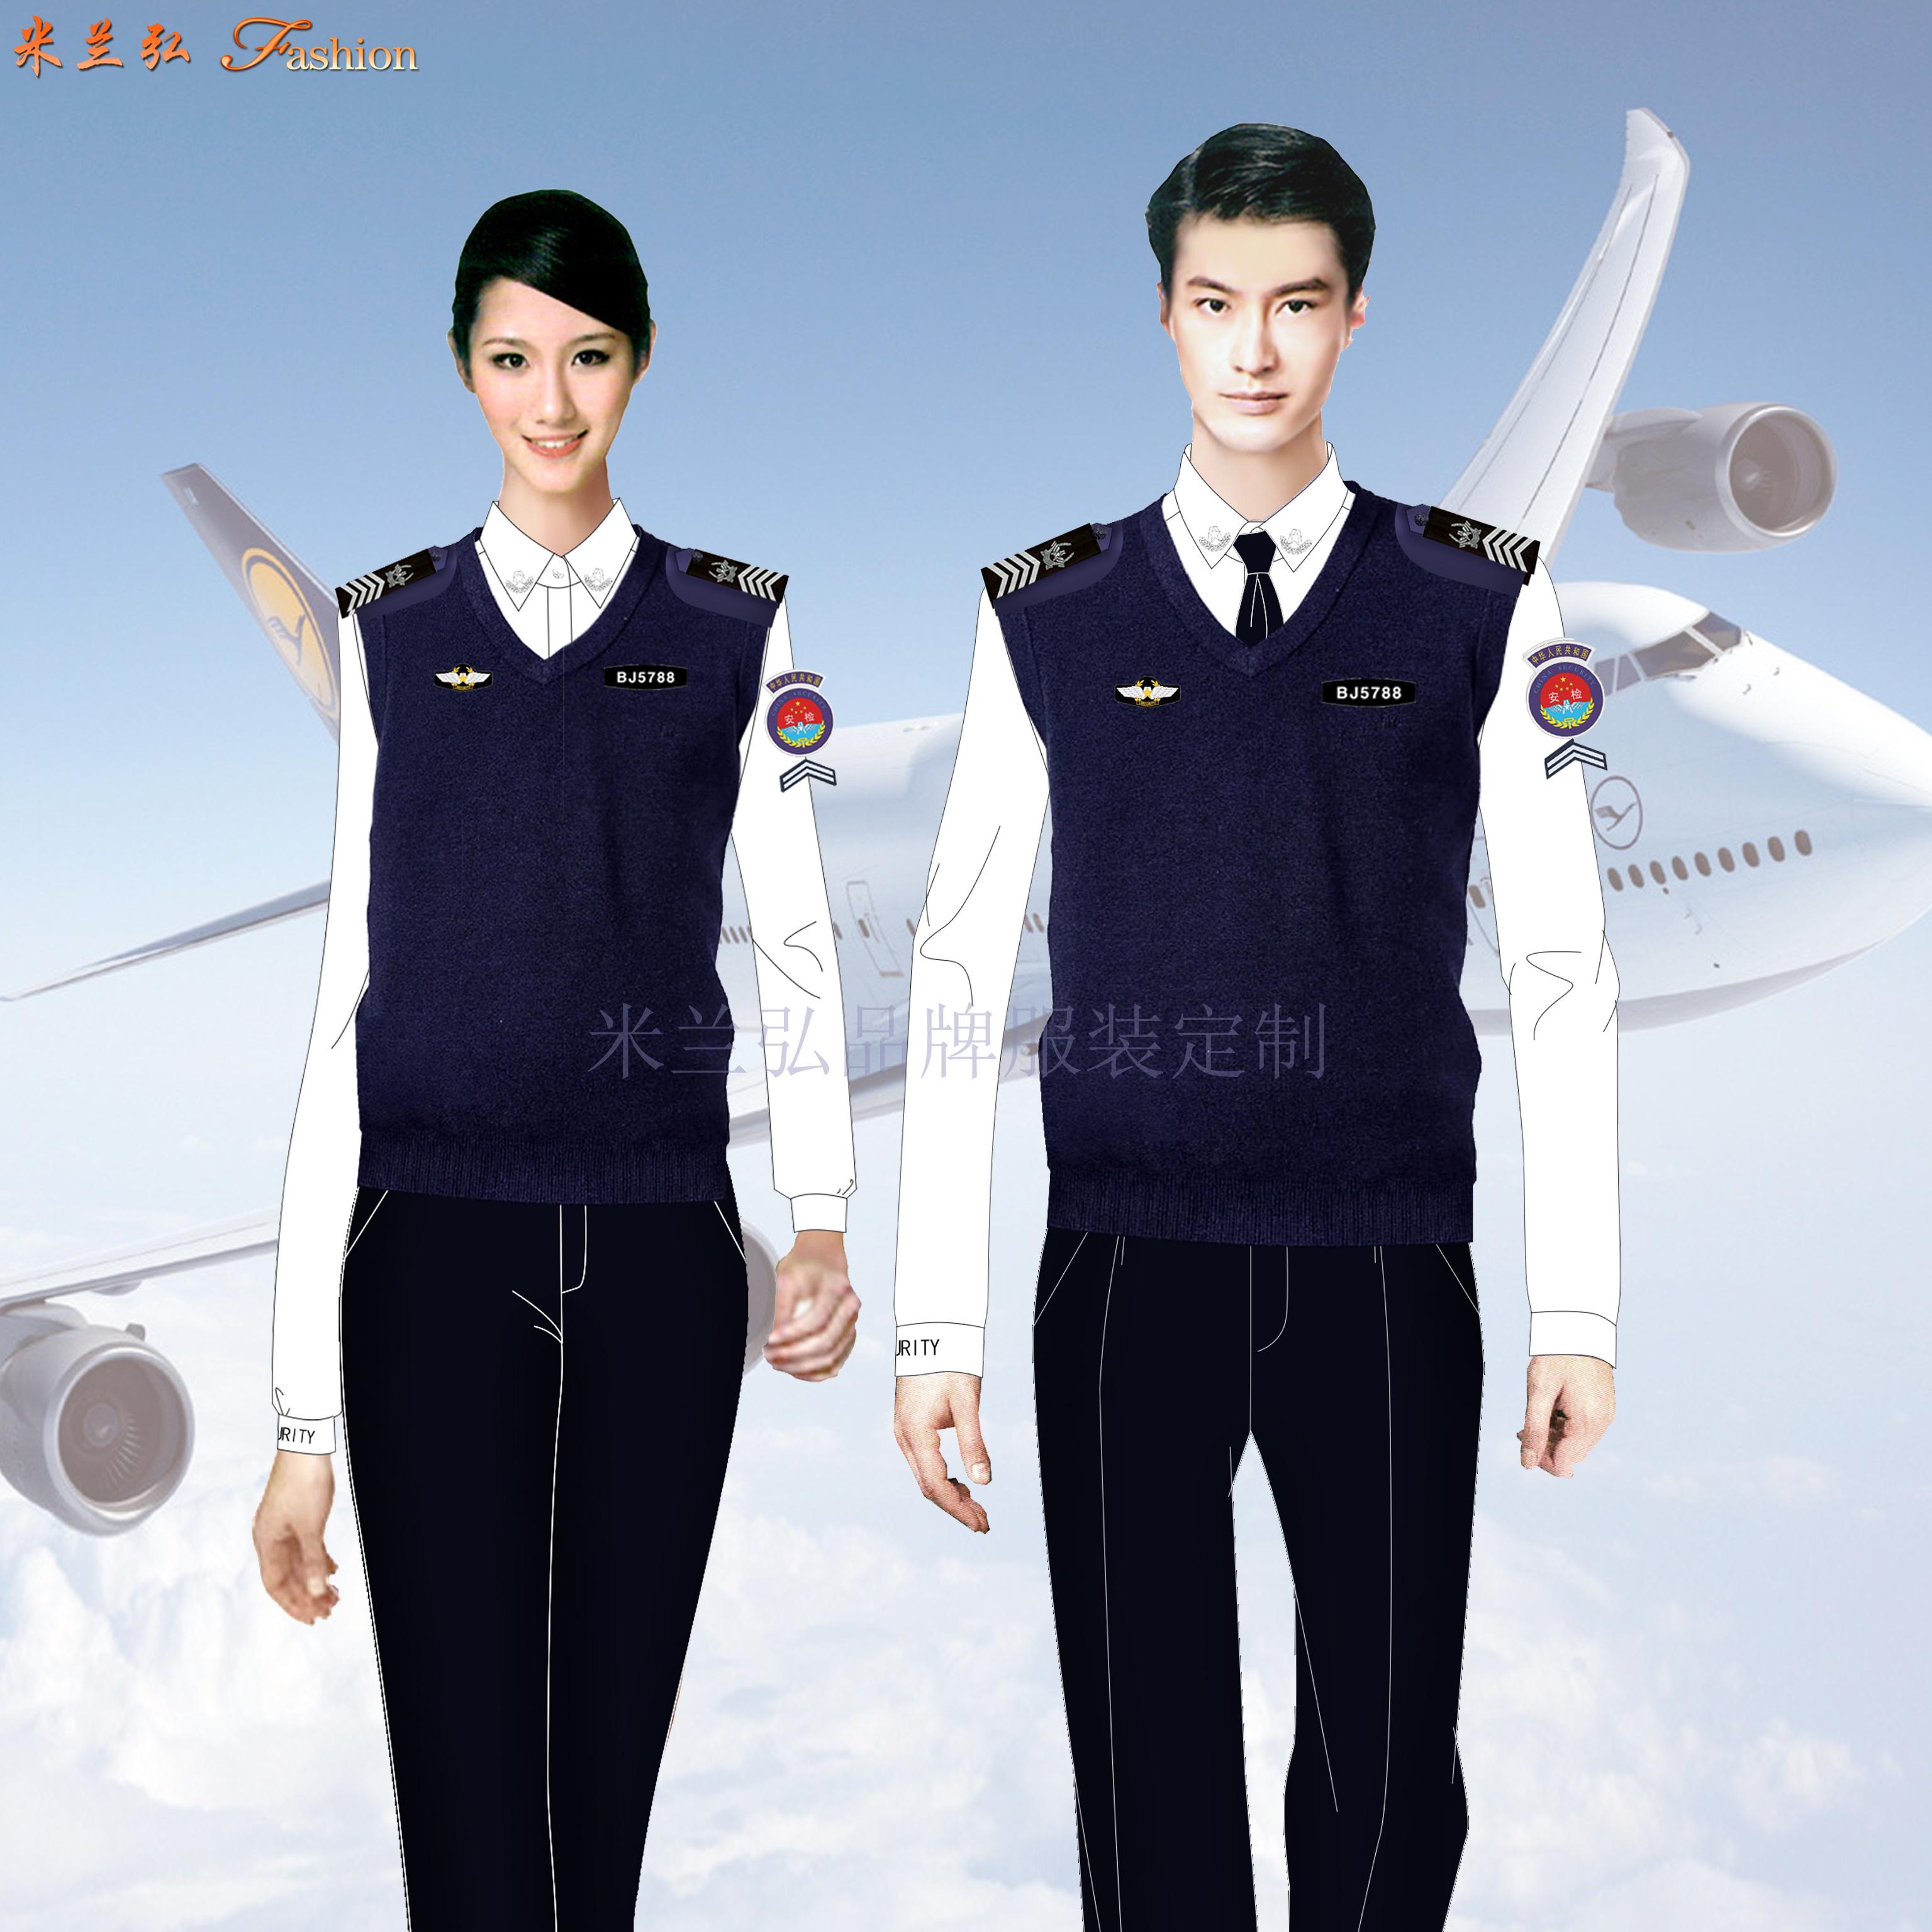 「安檢服定制」「機場安檢服定做」「航空安檢服訂制」-5